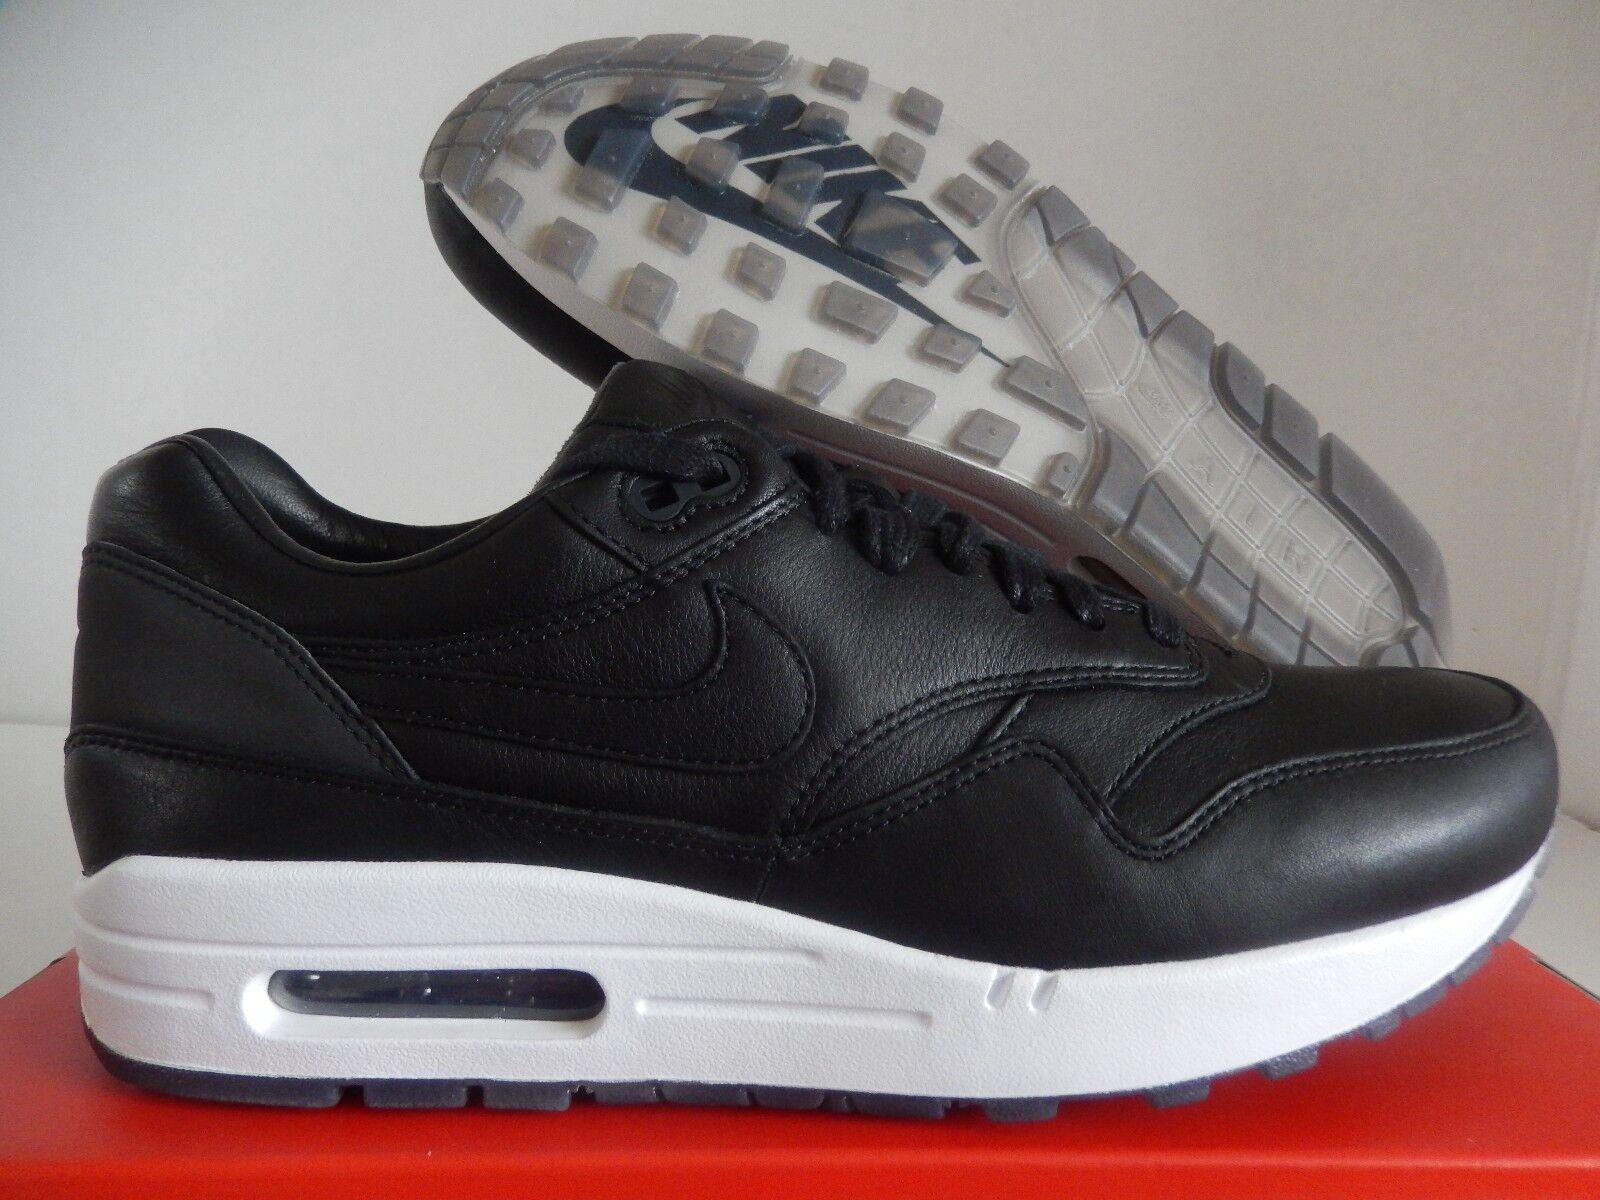 NIKELAB Deluxe Nike Air Max 1 Deluxe NIKELAB Pinnacle Negronegroblanco [859554001] efbd39